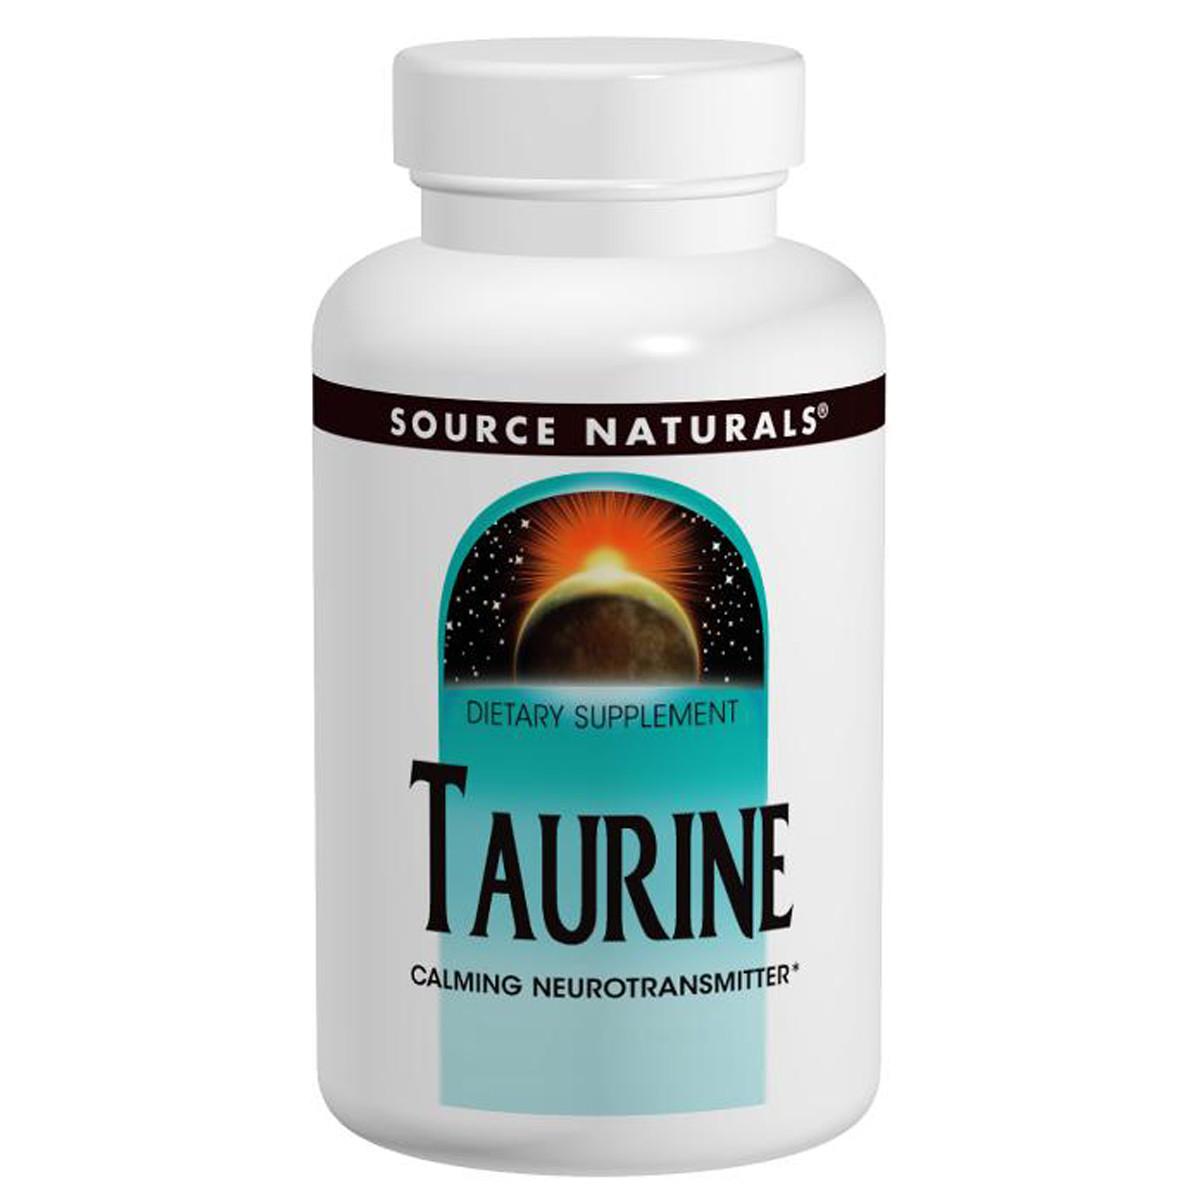 Таурин, 500 мг, Source Naturals, 60 таблеток